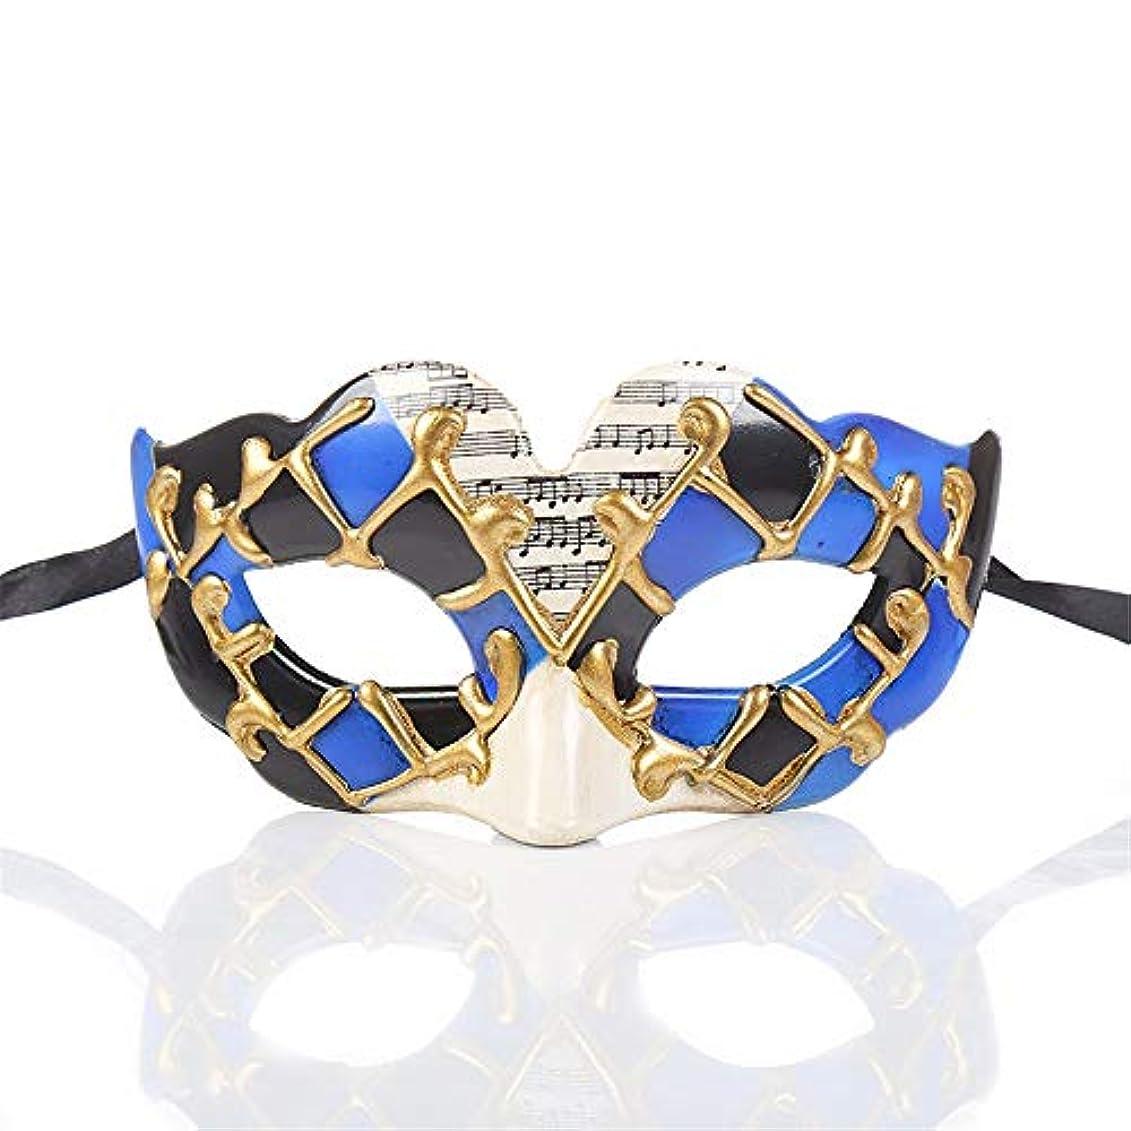 億祭司ポケットダンスマスク パーティーCospalyマスクハロウィーンマスカレードデコレーションマスクフェスティバルプラスチックマスク パーティーボールマスク (色 : 青, サイズ : 14.5x7.5cm)